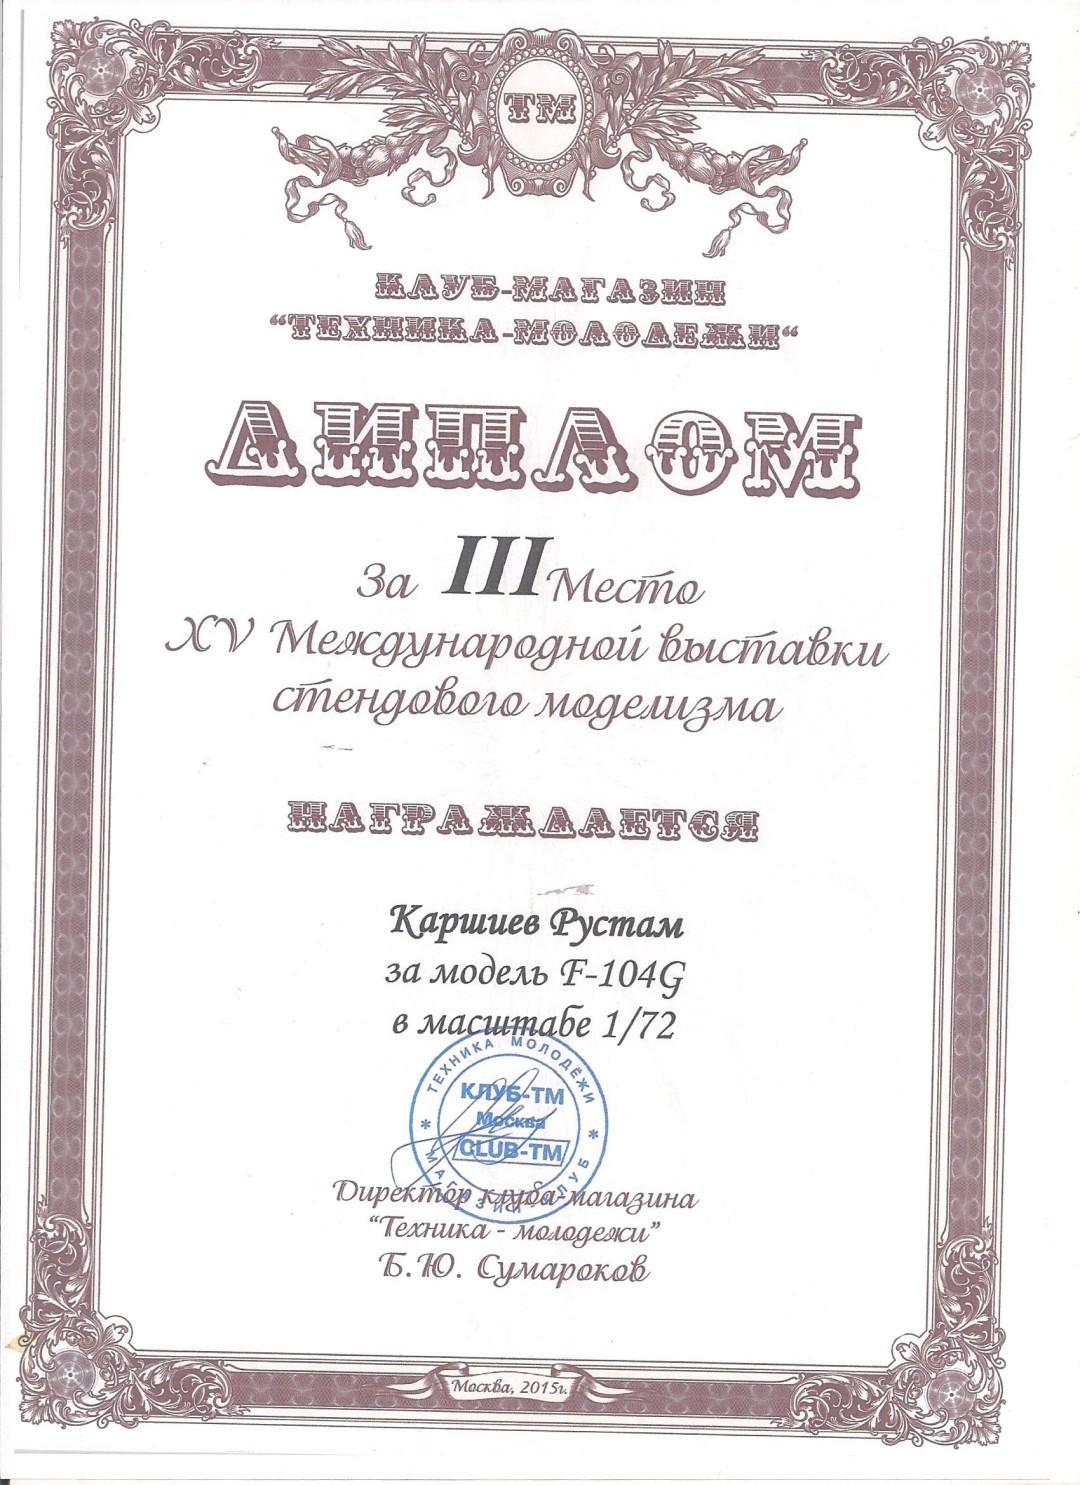 Каршиев Рустам 3 место на XV международной выставке стендового моделизма